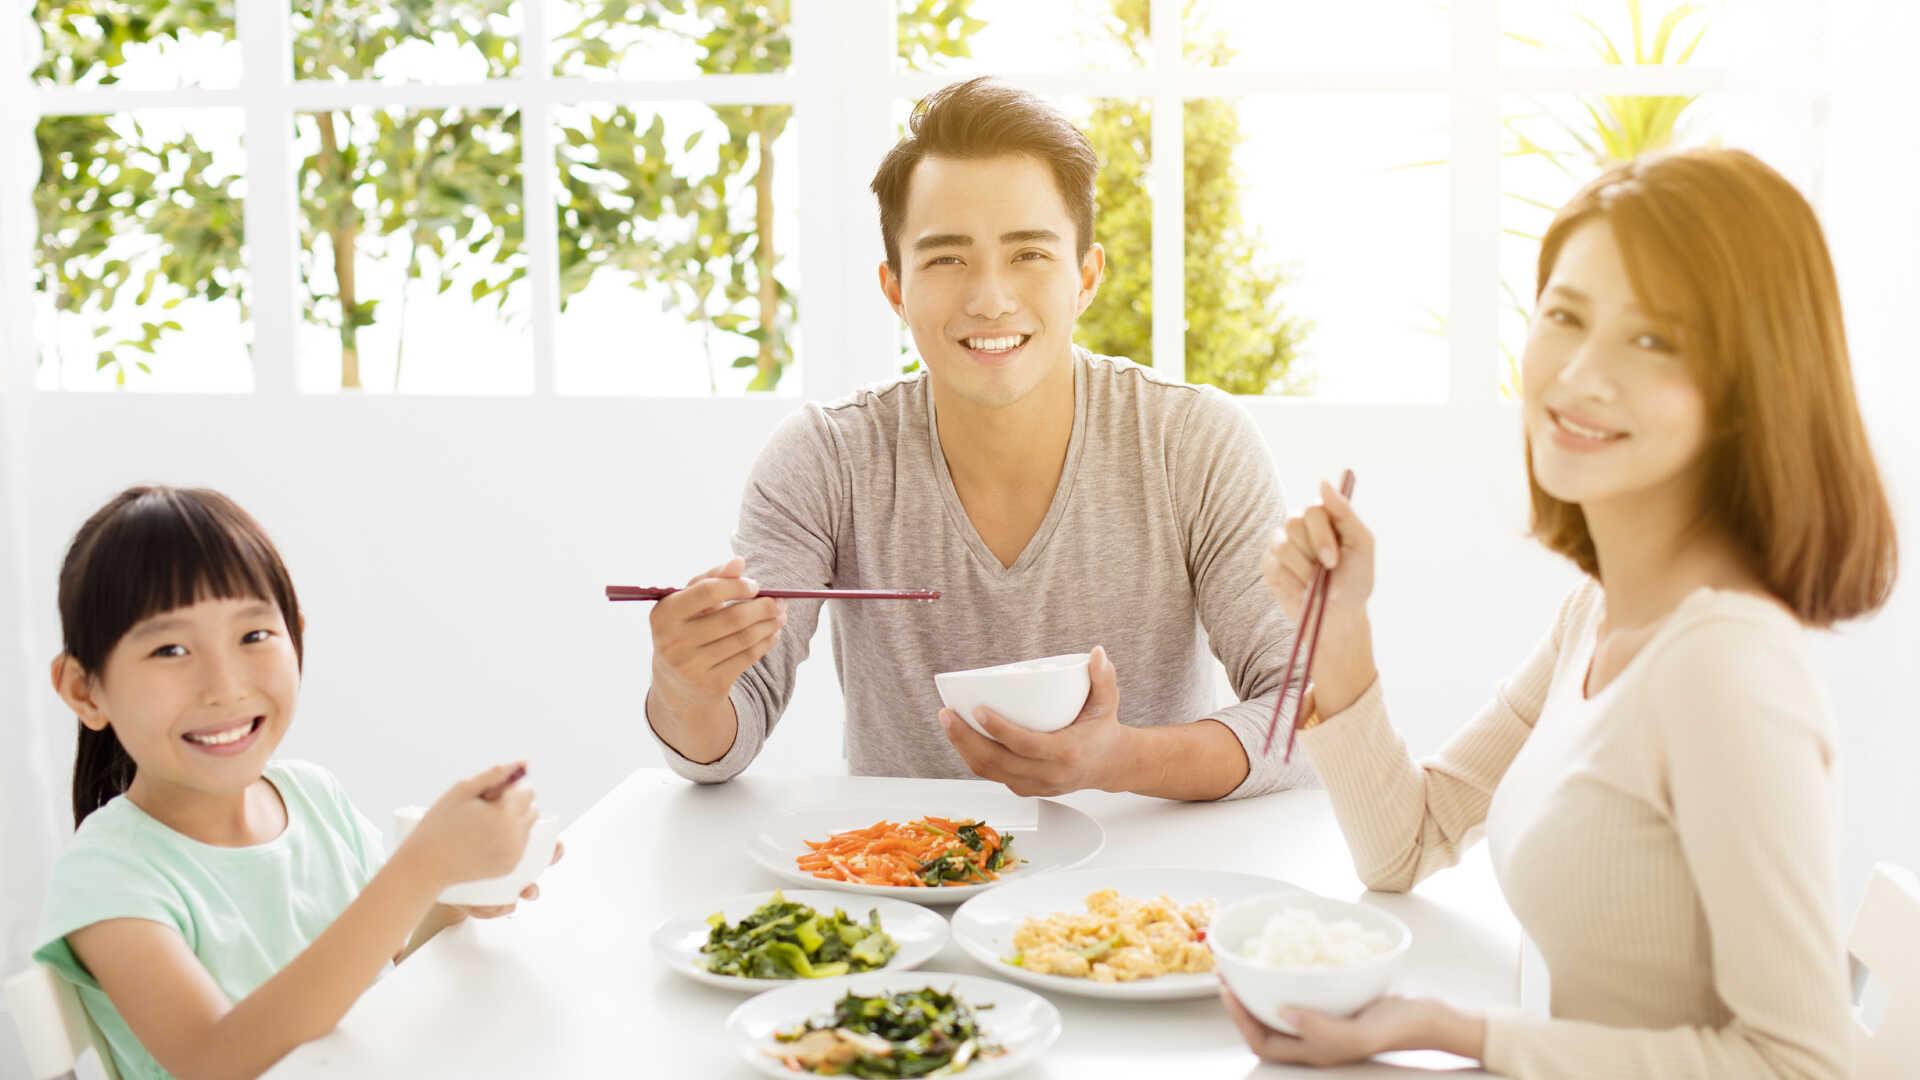 Người bị máu nhiễm mỡ nên ăn gì để bảo vệ sức khỏe?